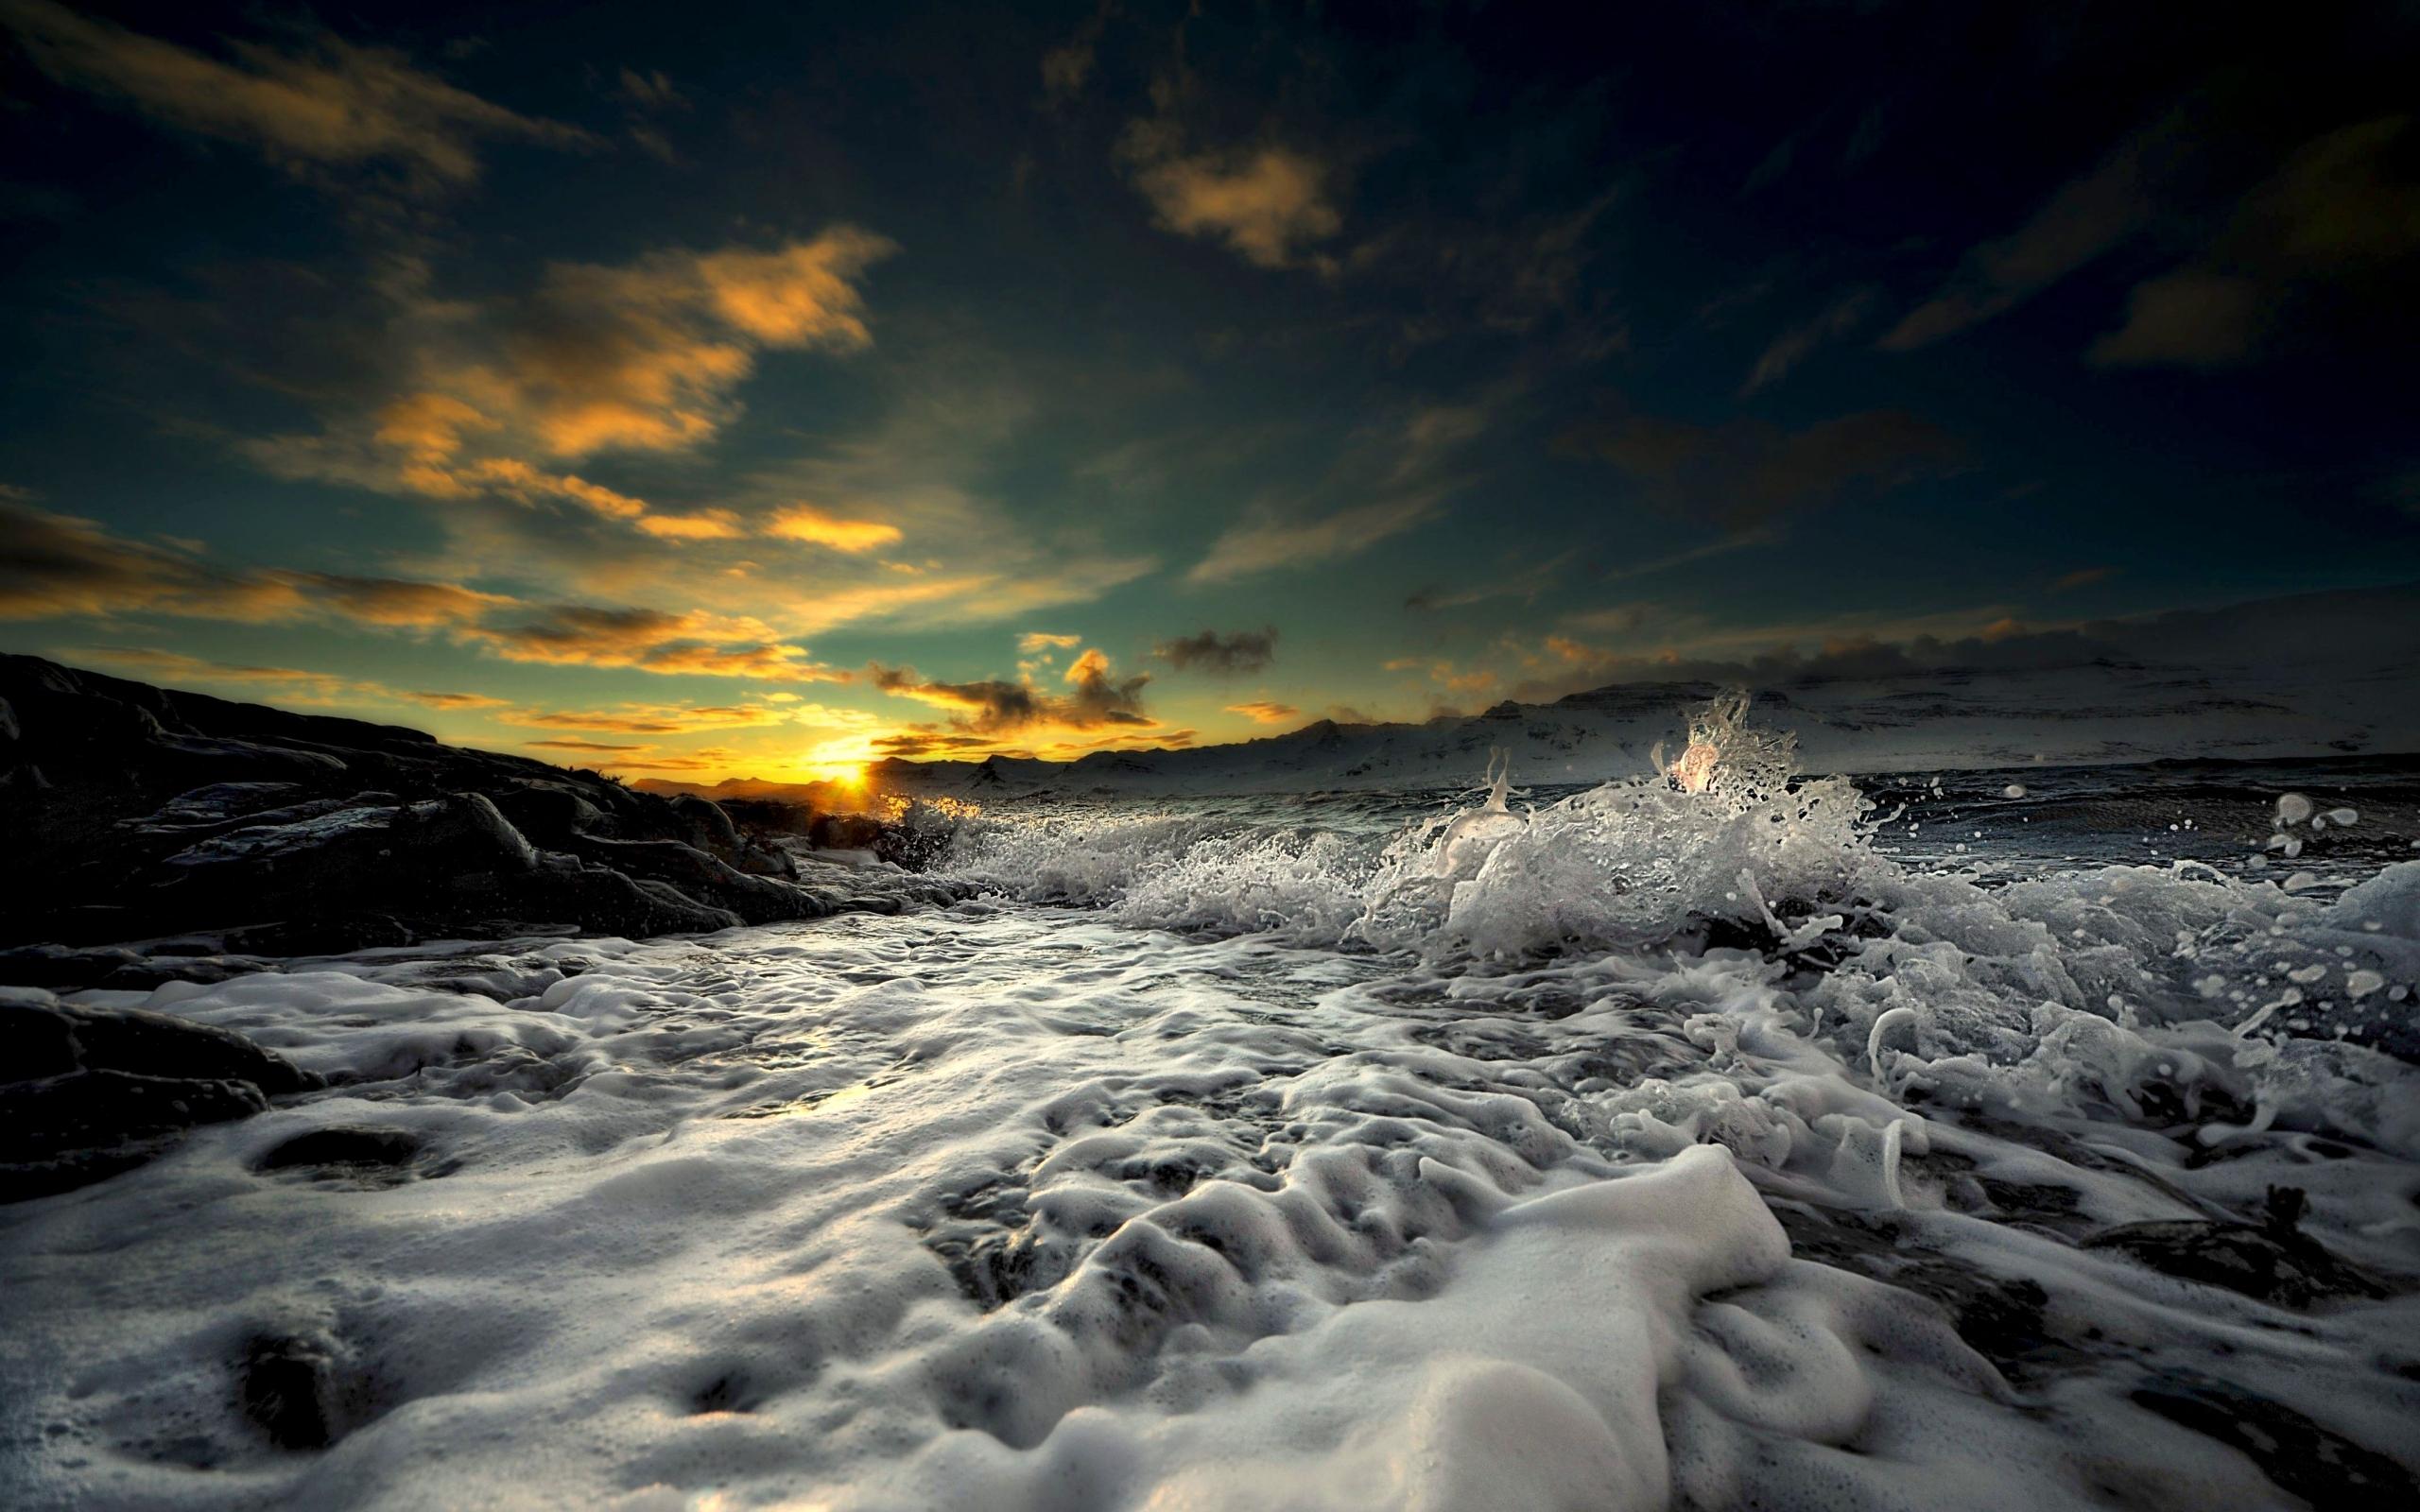 23465 скачать обои Пейзаж, Закат, Море, Волны - заставки и картинки бесплатно